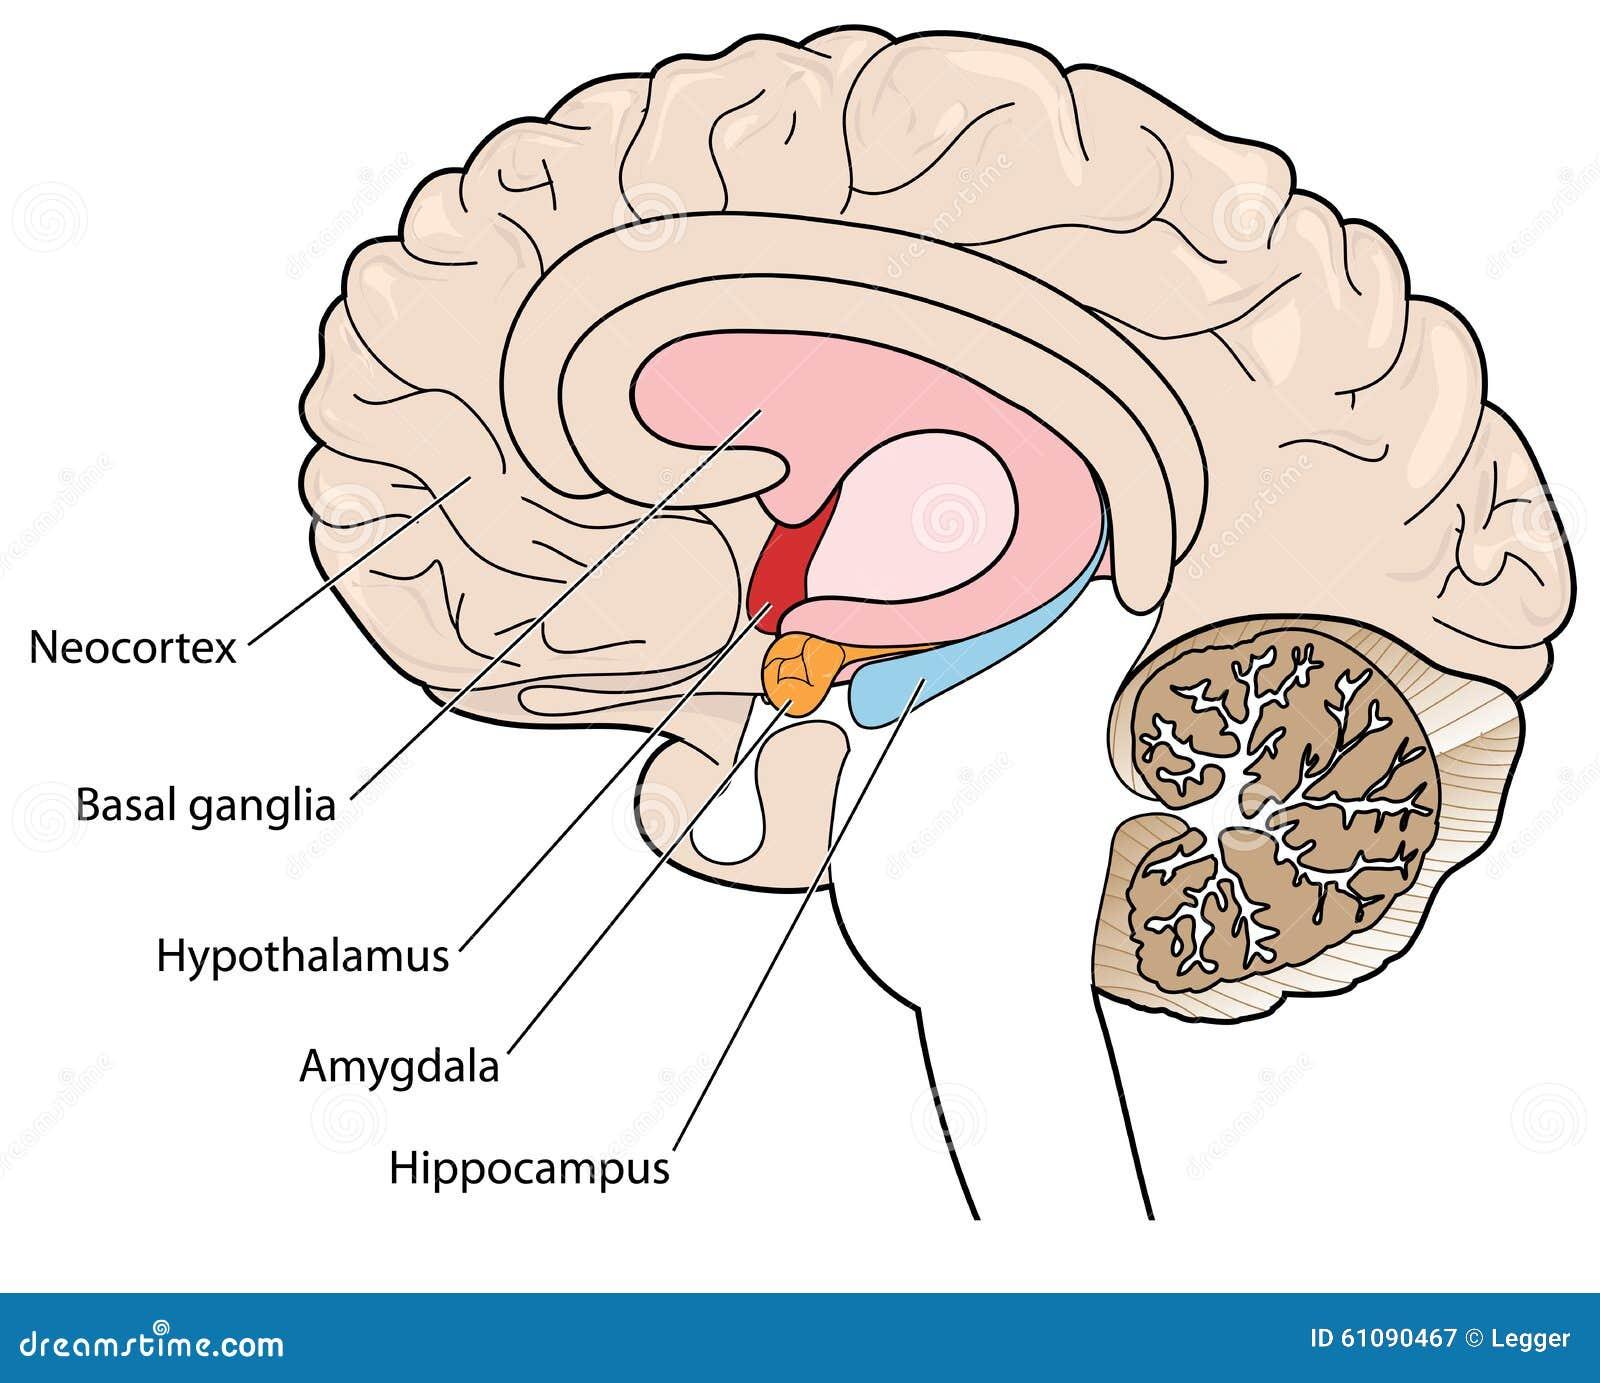 Groß Basis Der Anatomie Des Gehirns Zeitgenössisch - Anatomie Ideen ...